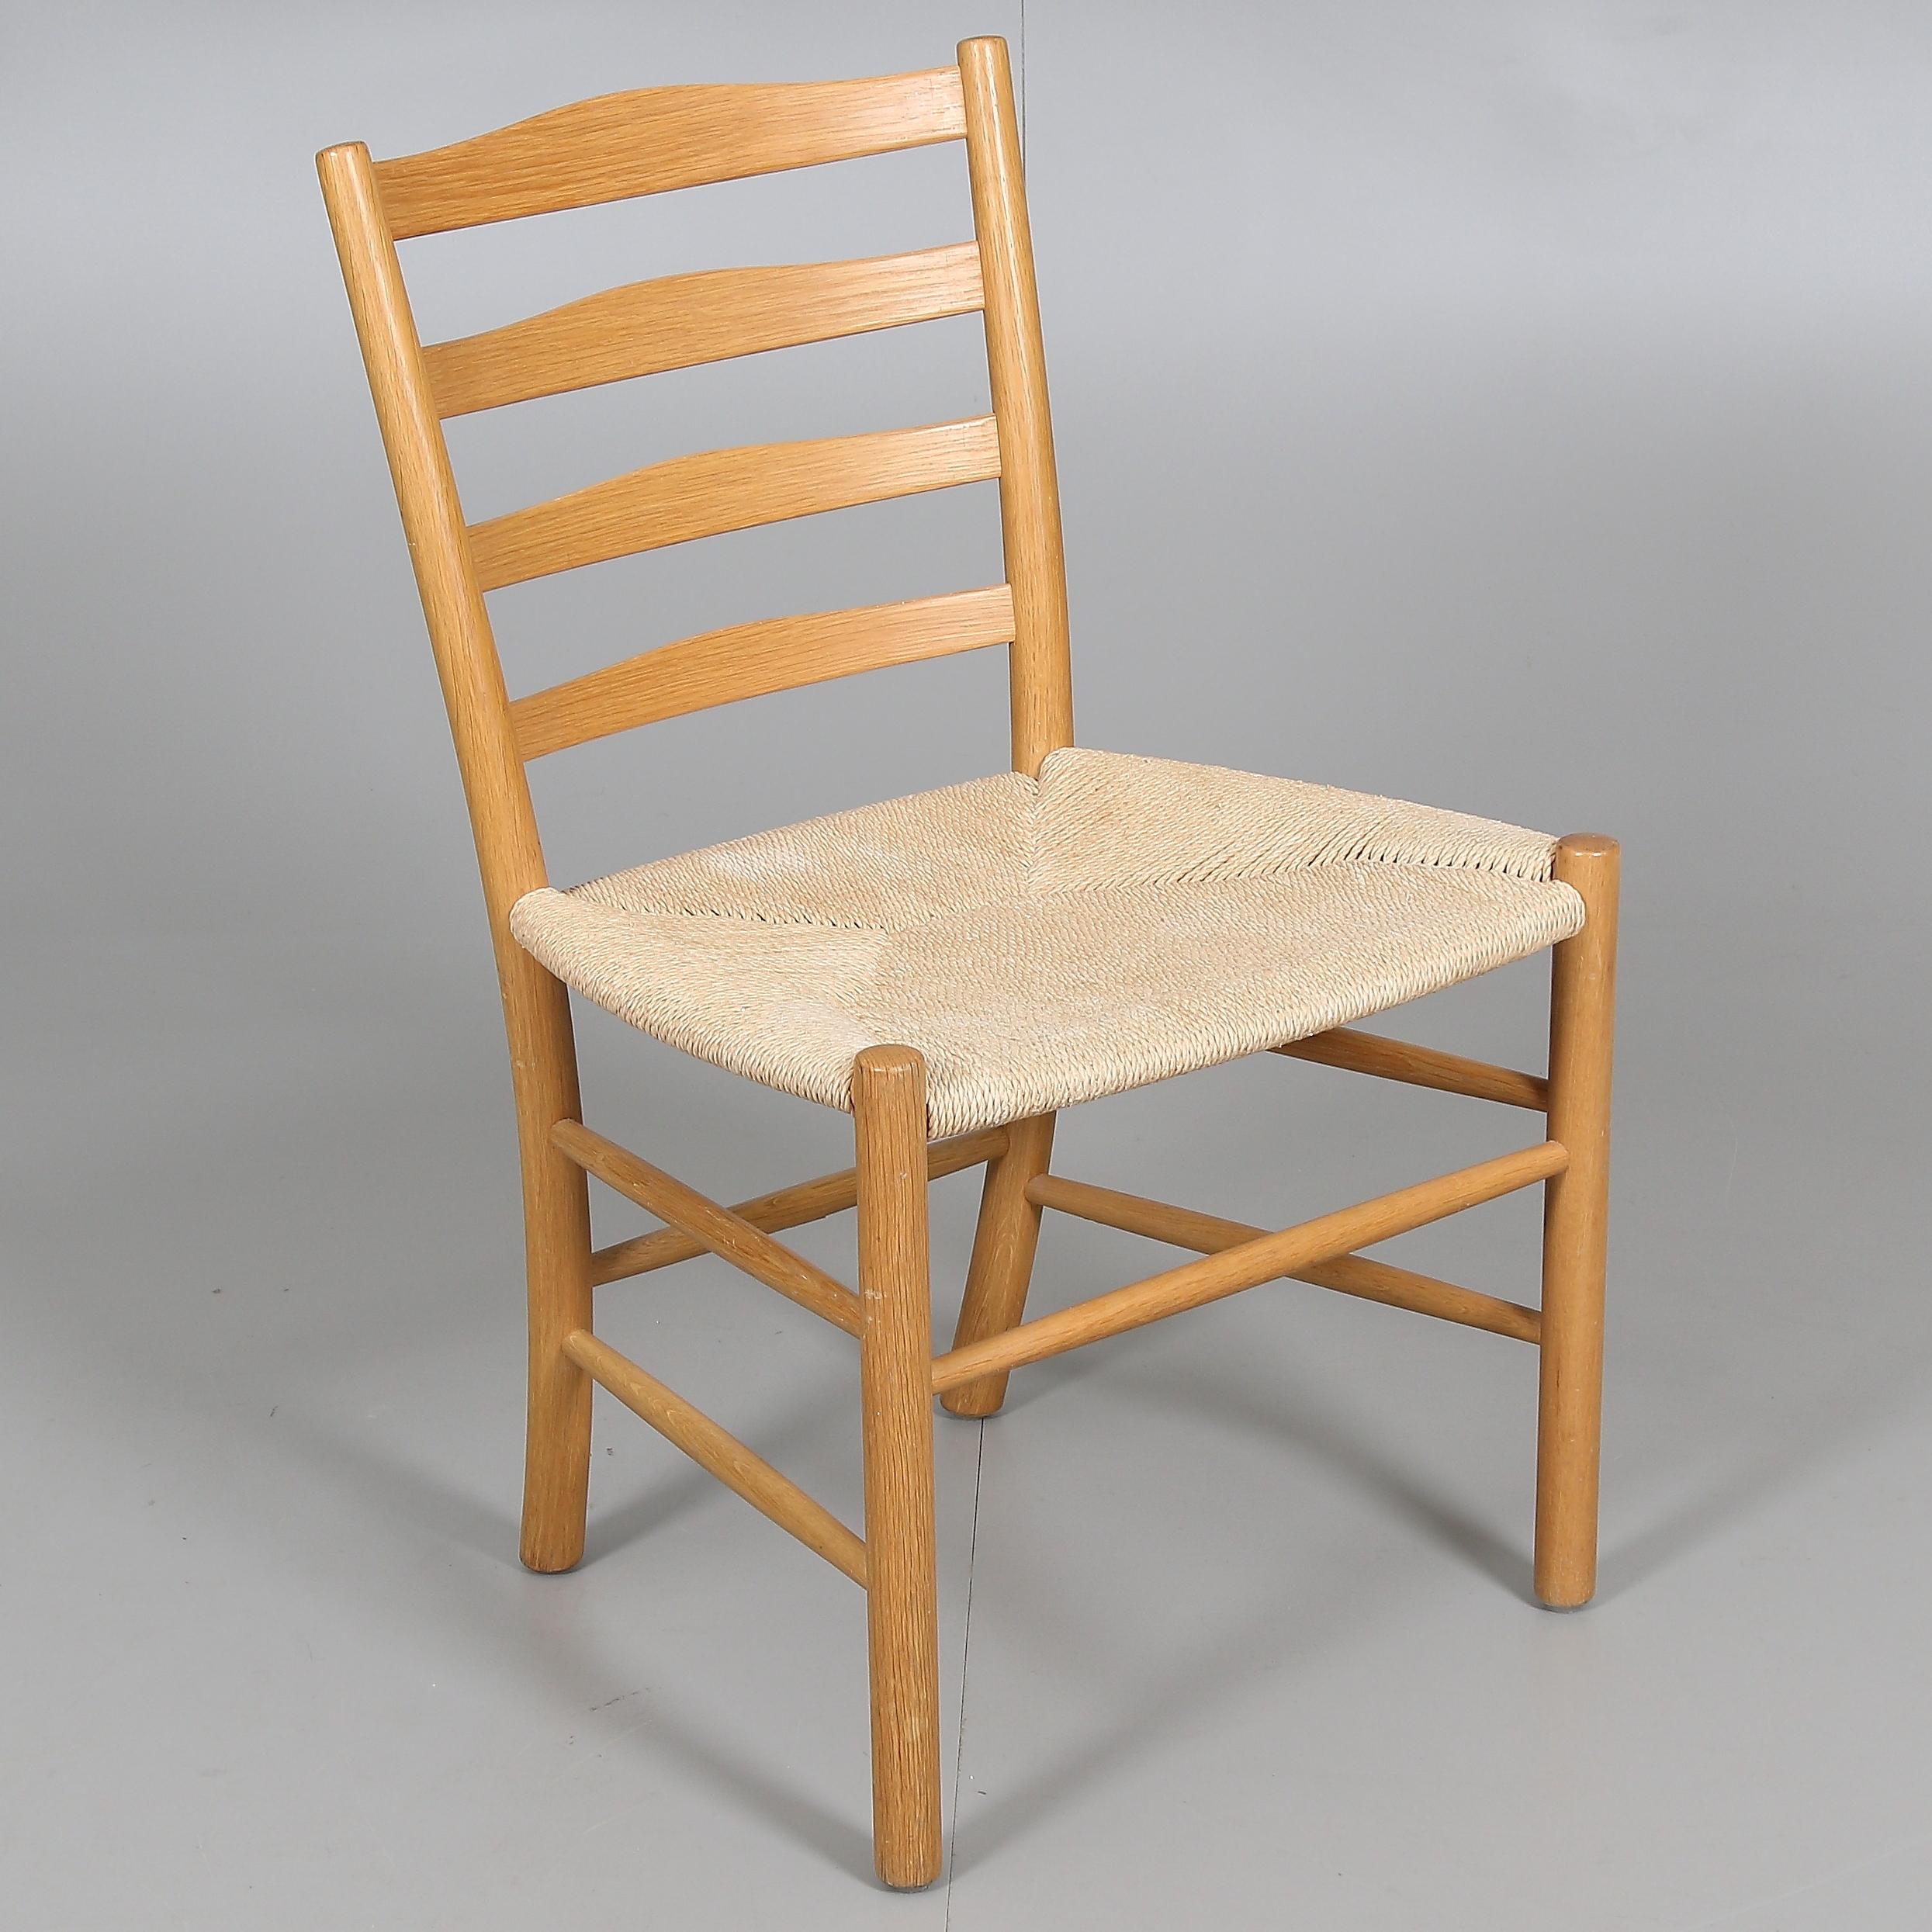 Kaare klint stol